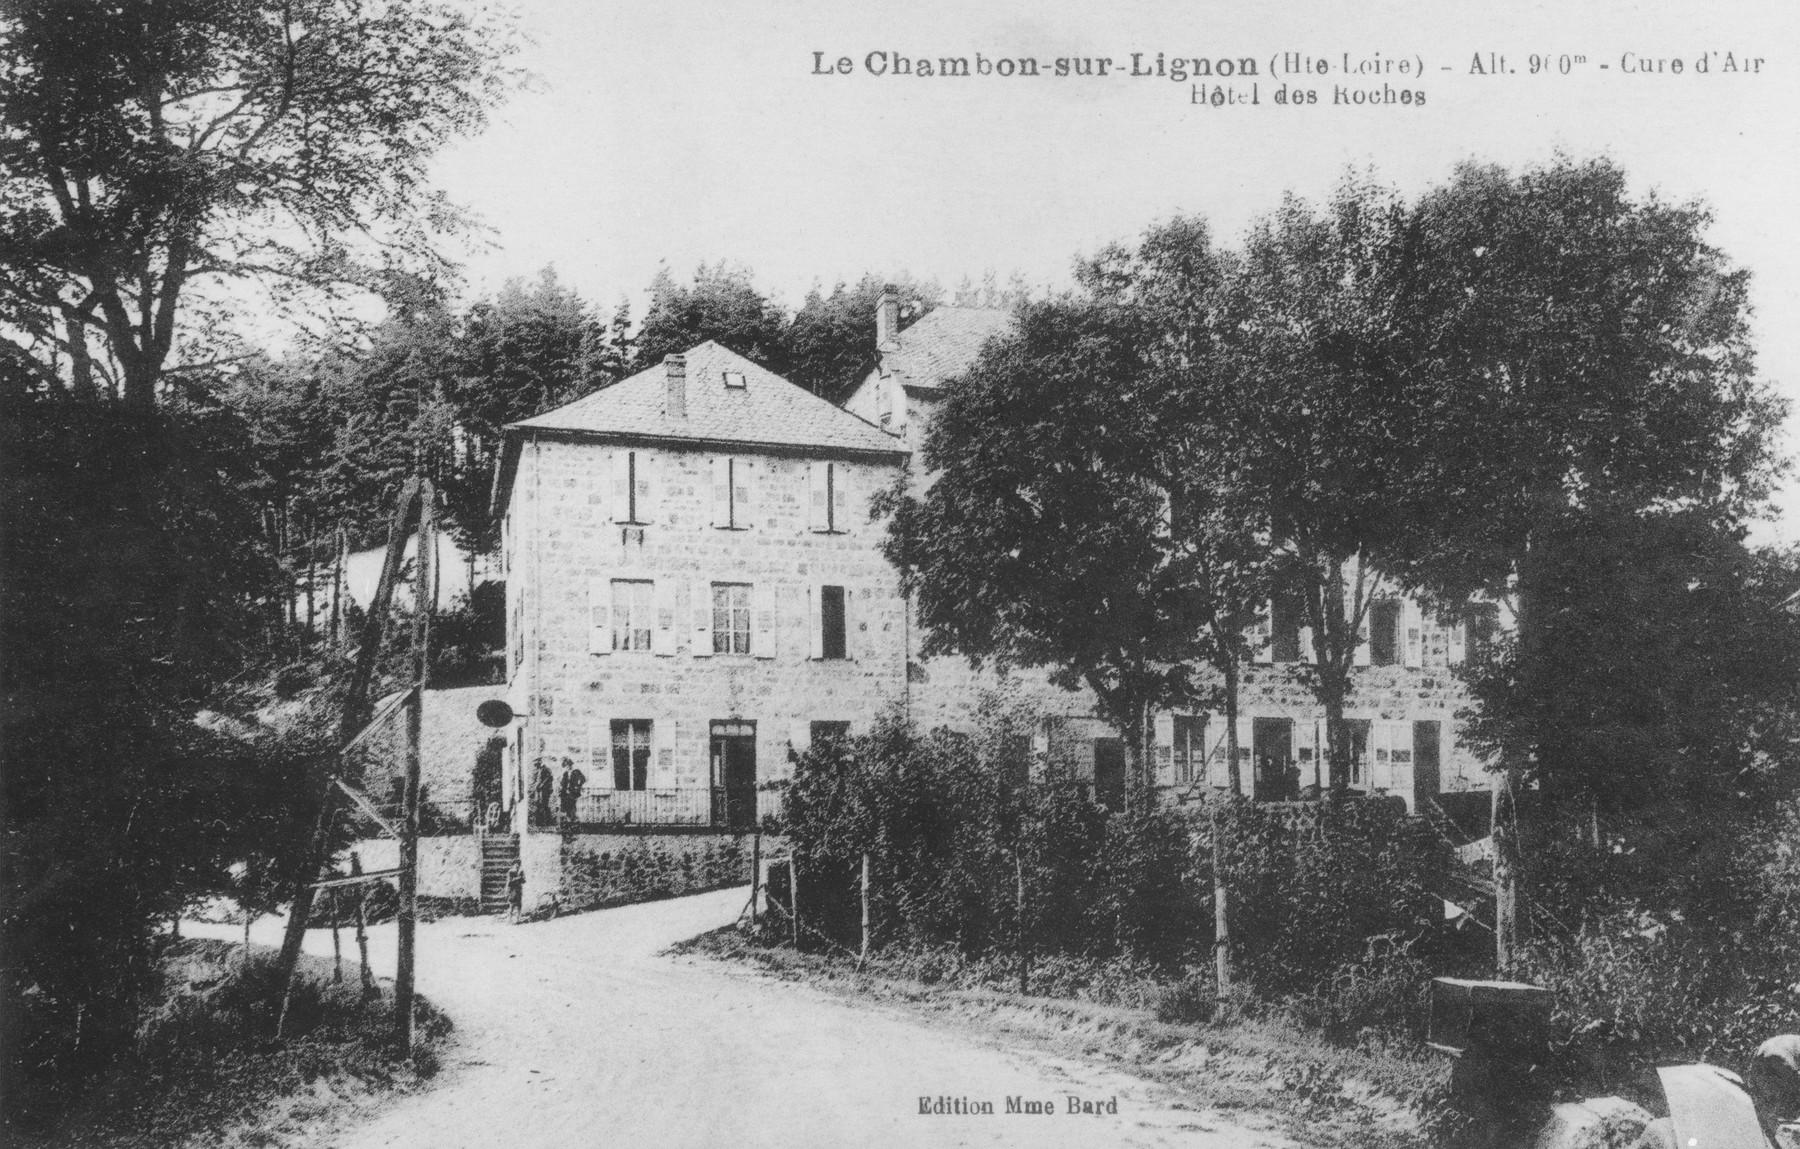 Picture postcard of the Hôtel des Roches in Le Chambon-sur-Lignon.